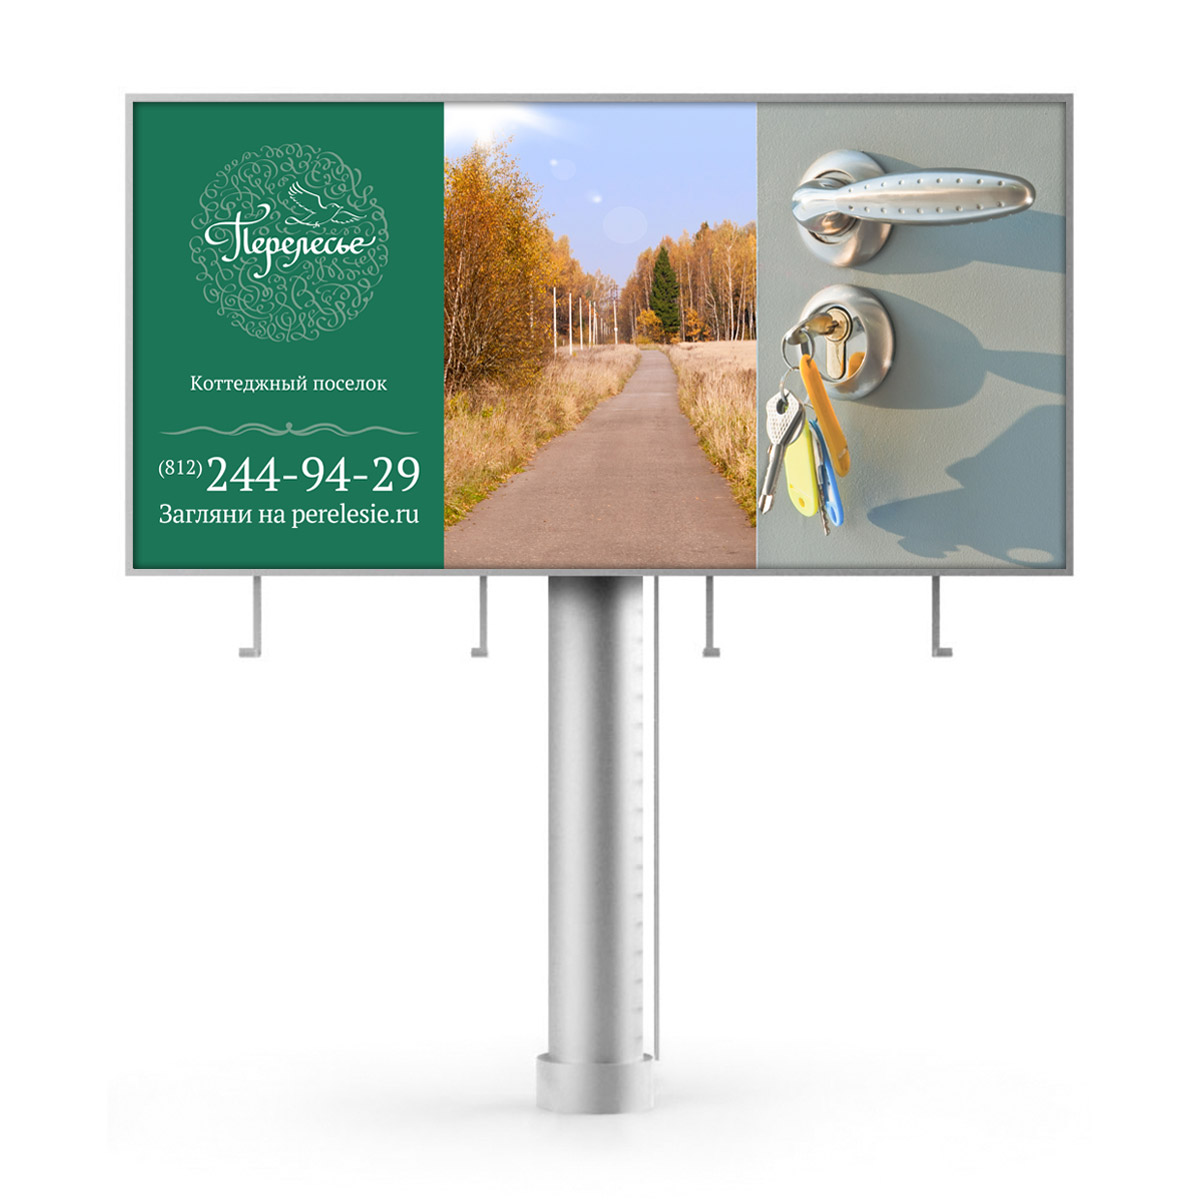 Дизайн билборда для компании Садово-фермерский центр коттеджный поселок Перелесье